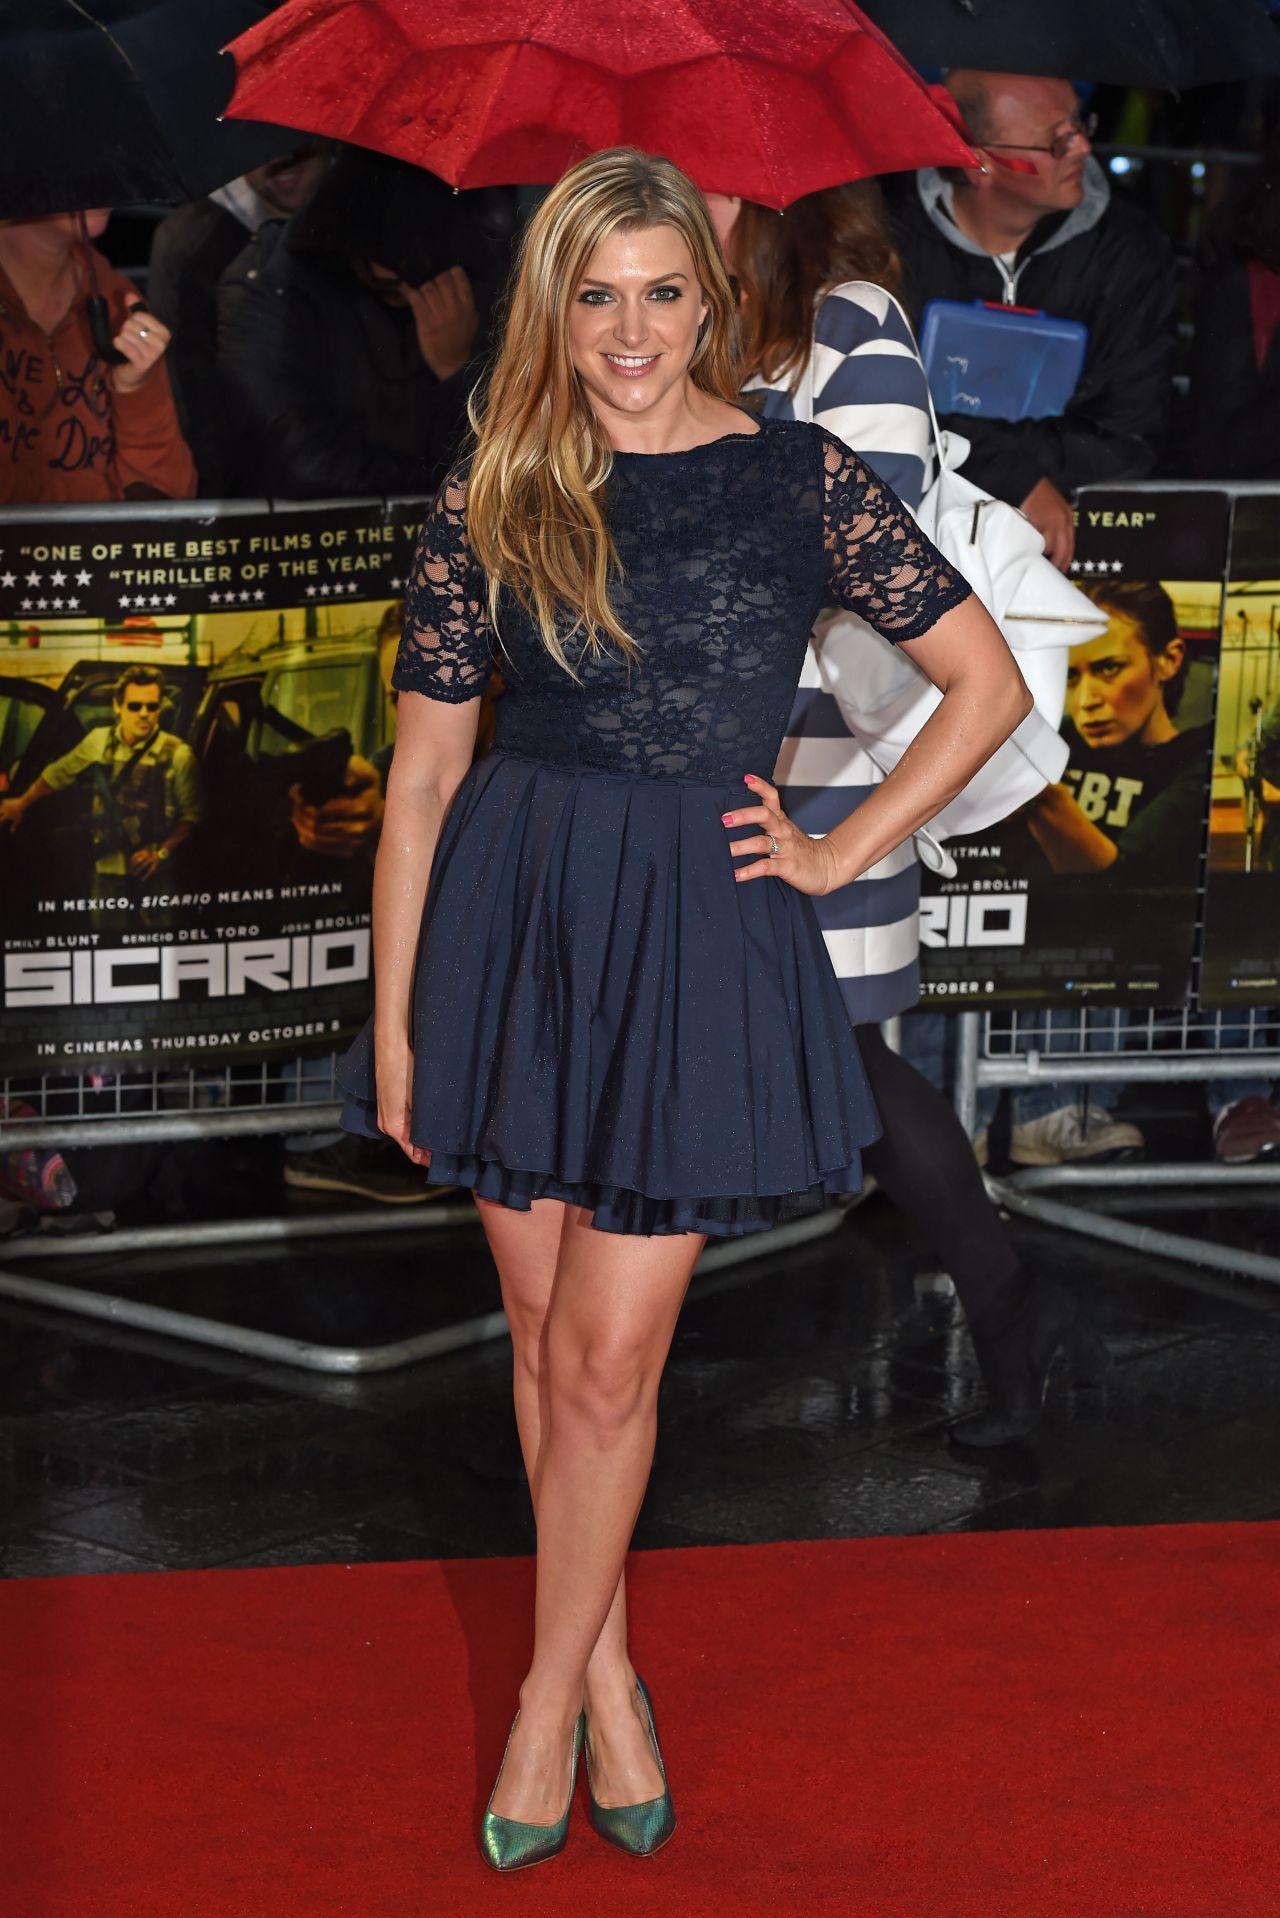 Anna Williamson Sicario Premiere In London